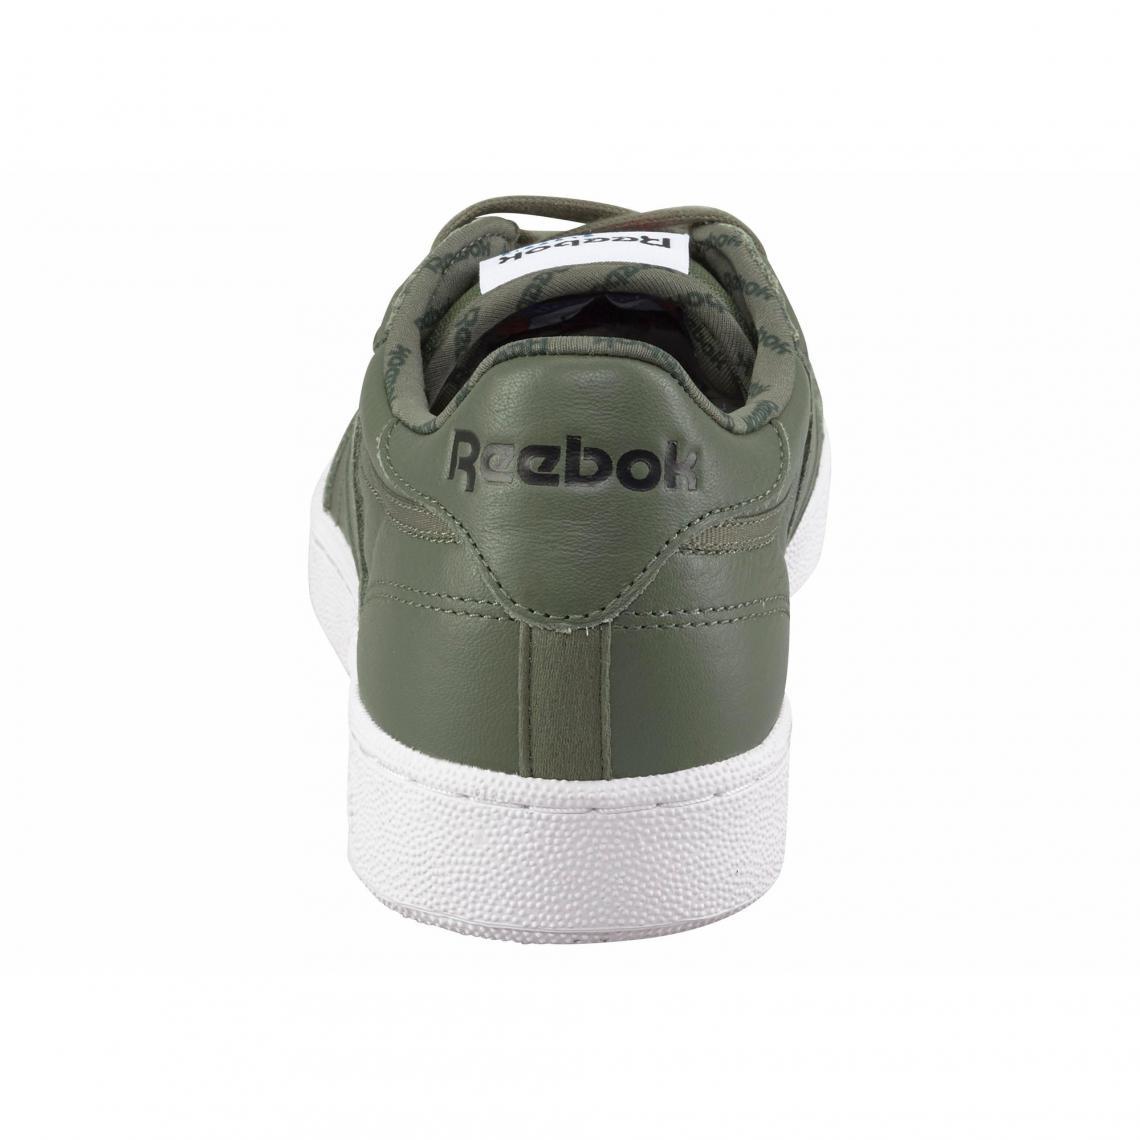 bdb2367a3a56a Baskets Reebok Cliquez l image pour l agrandir. Reebok Club C85 SO  chaussures de sport homme - Vert Olive Reebok